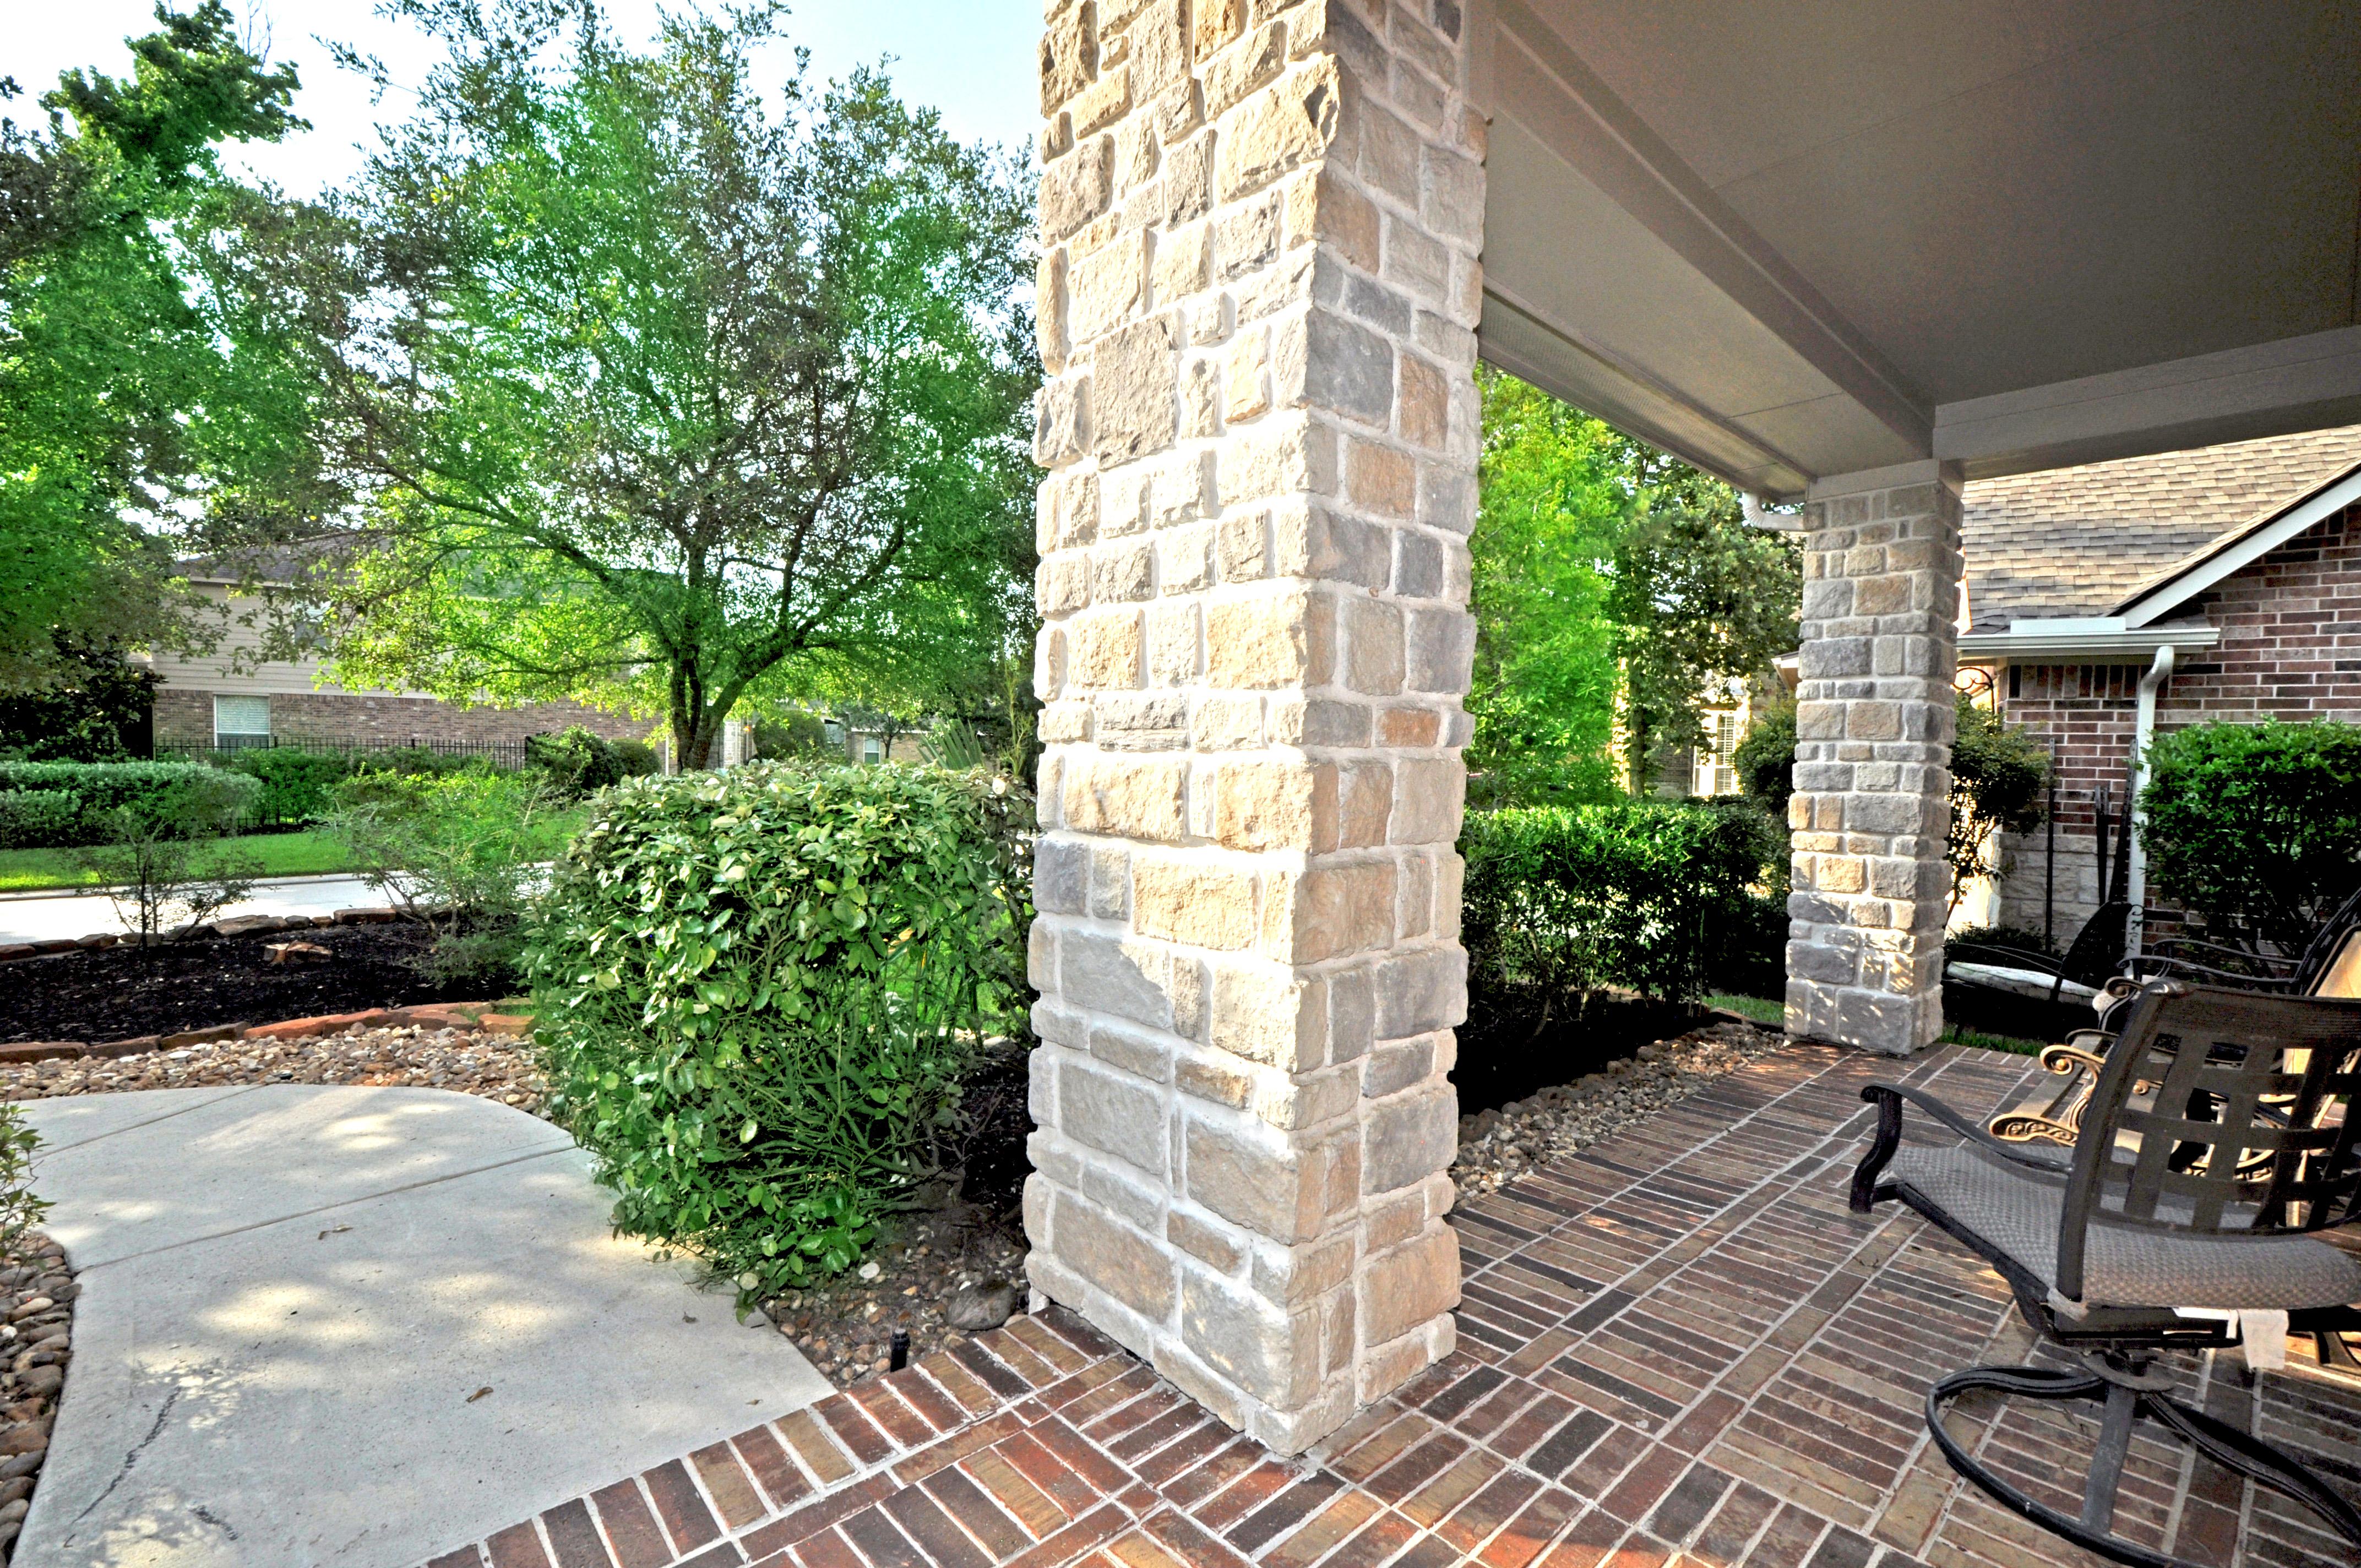 sidewalk to porch - Copy